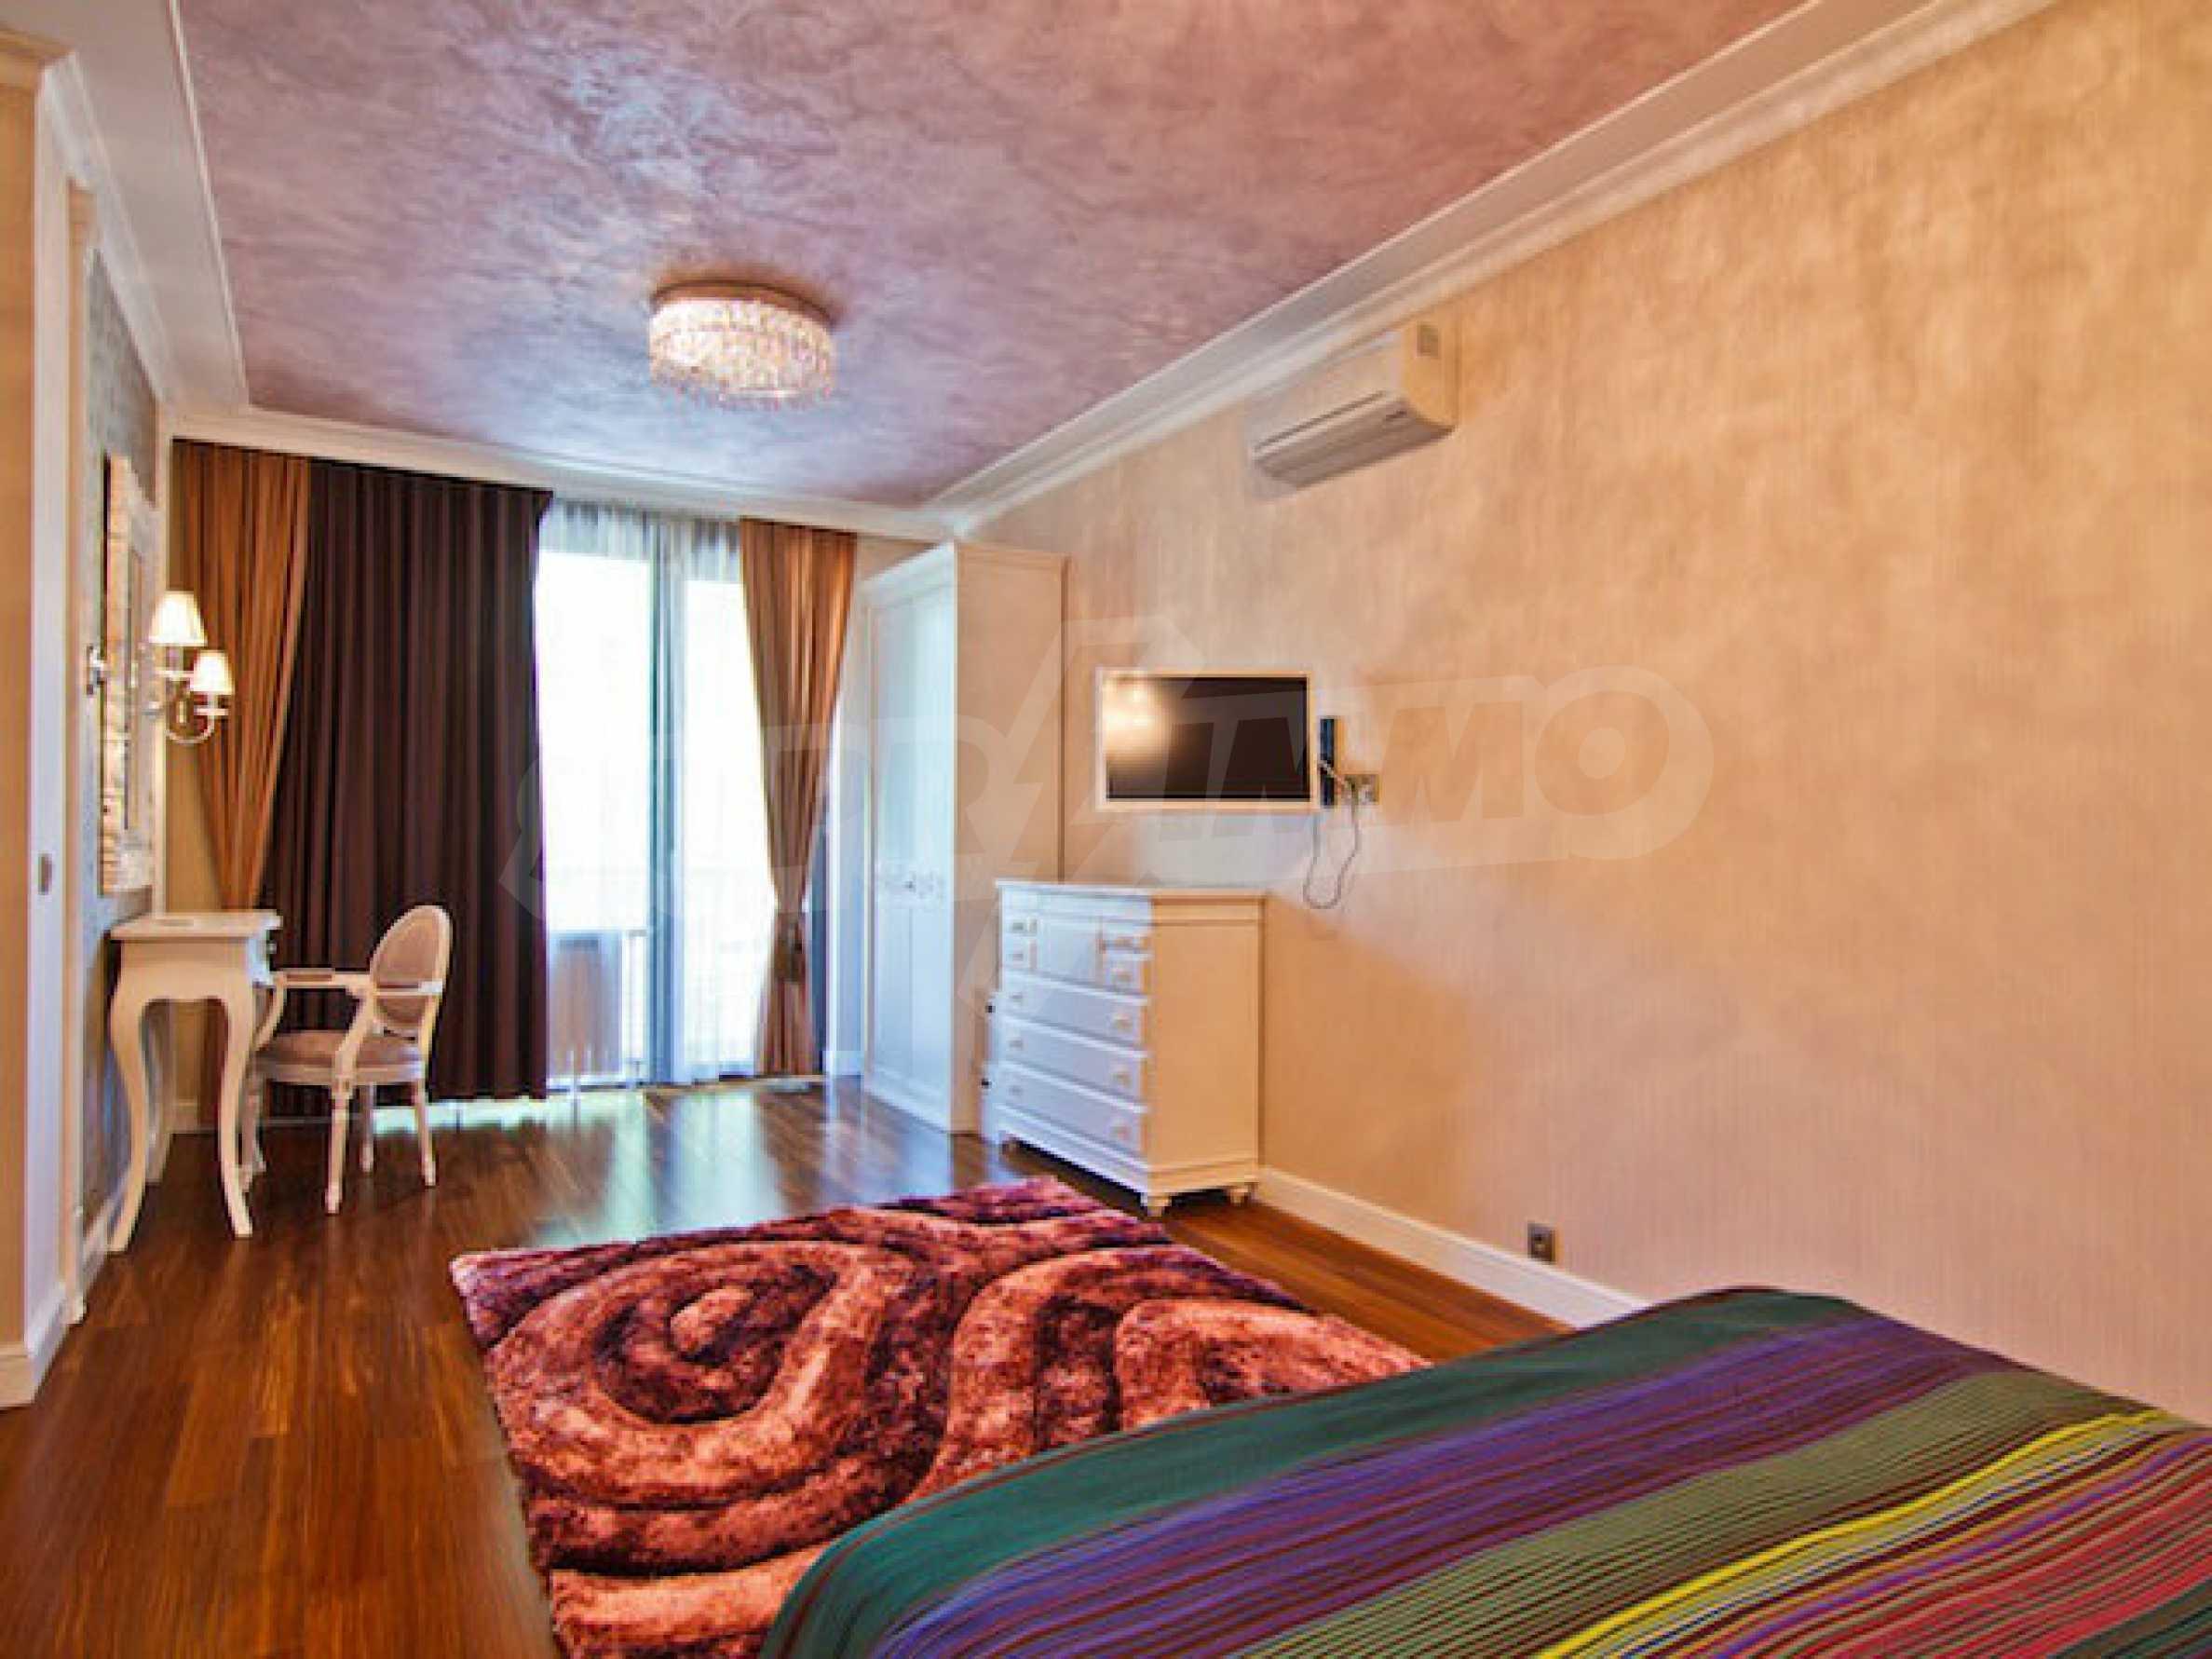 Luxuriös eingerichtetes Apartment mit einem Schlafzimmer 20